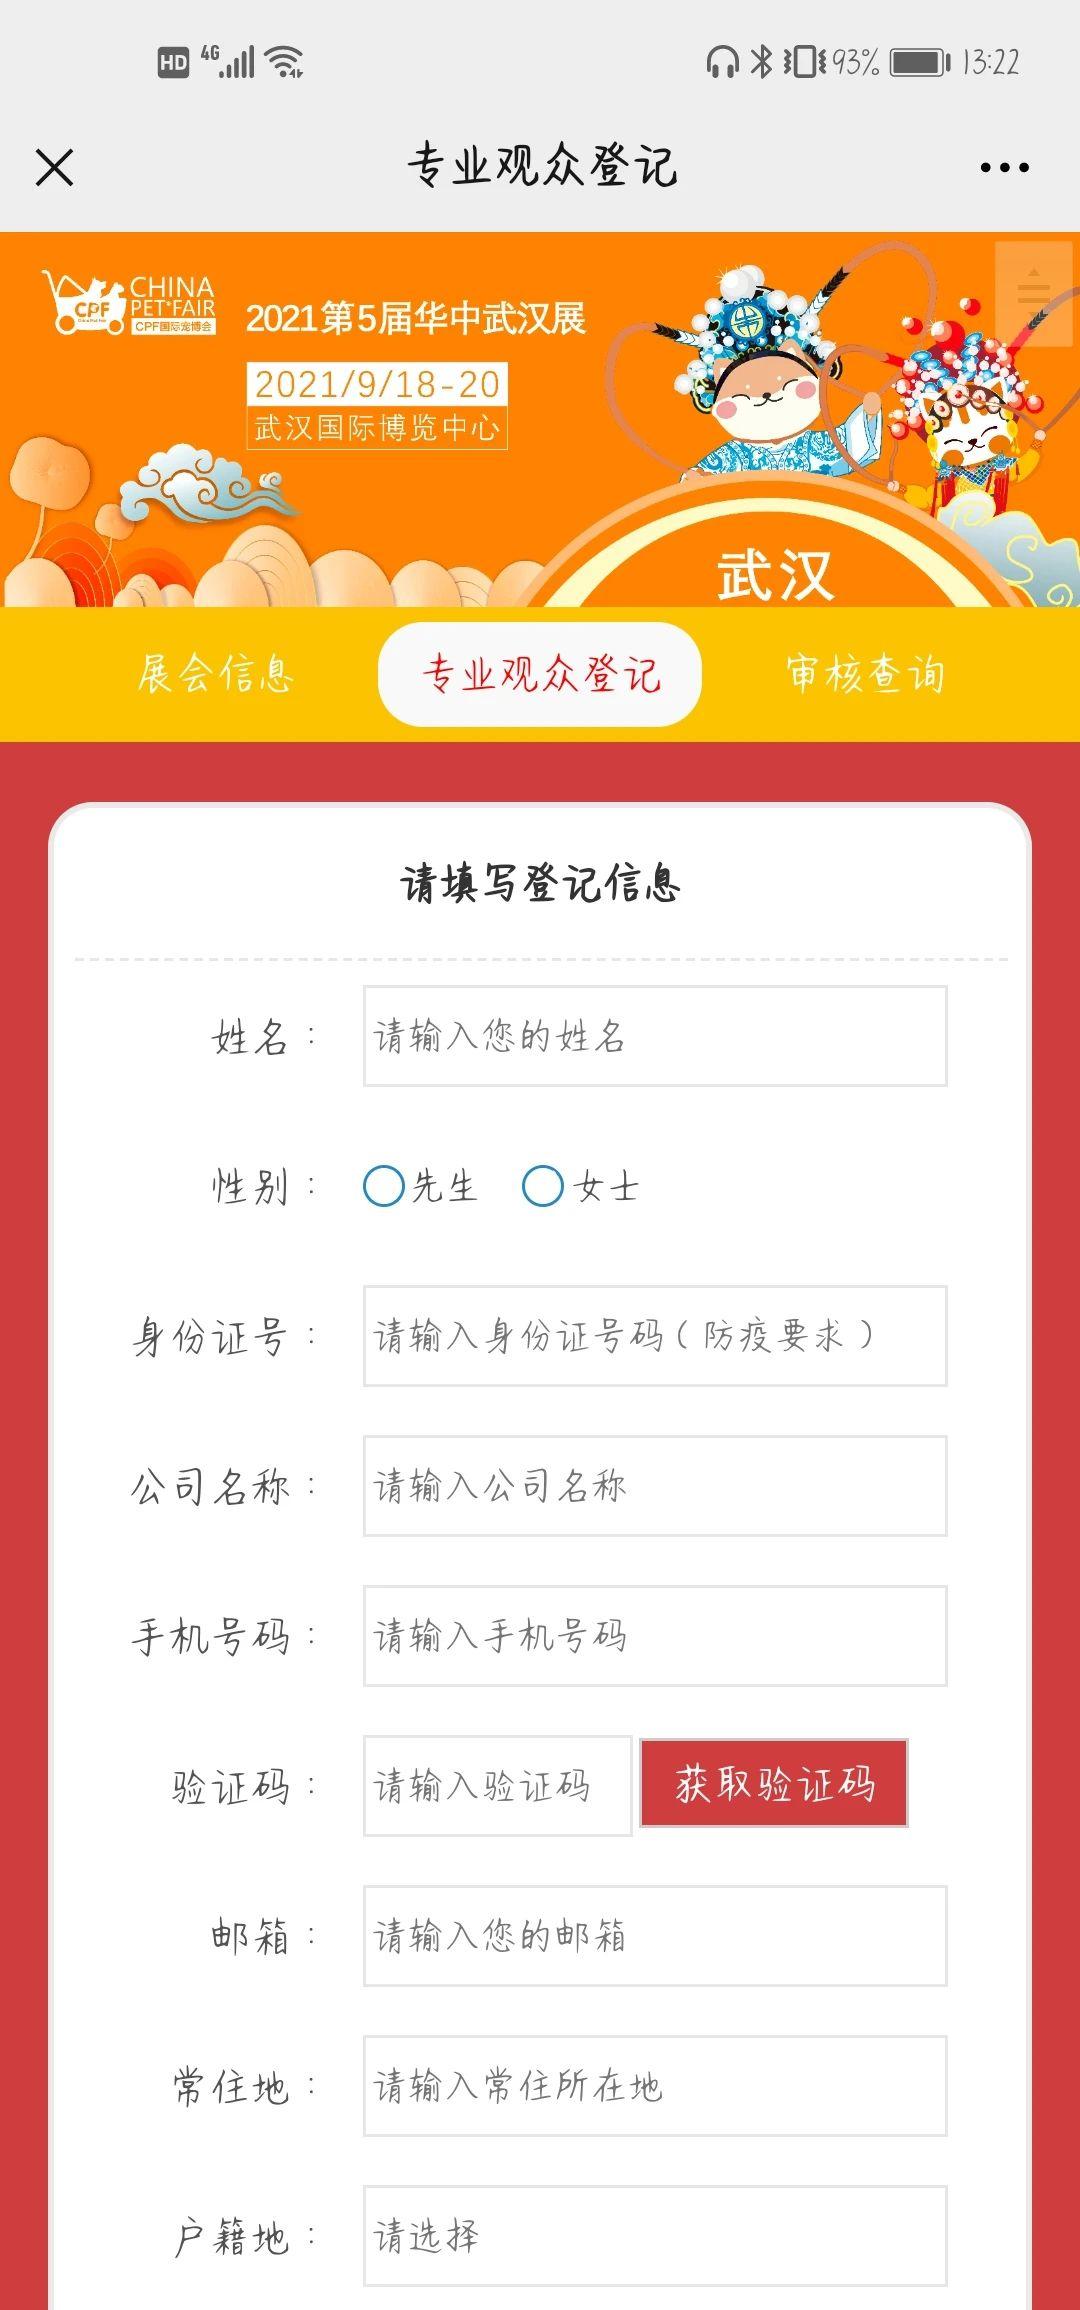 久别重逢|CPF华中武汉展专业观众预登记享免费快捷入场